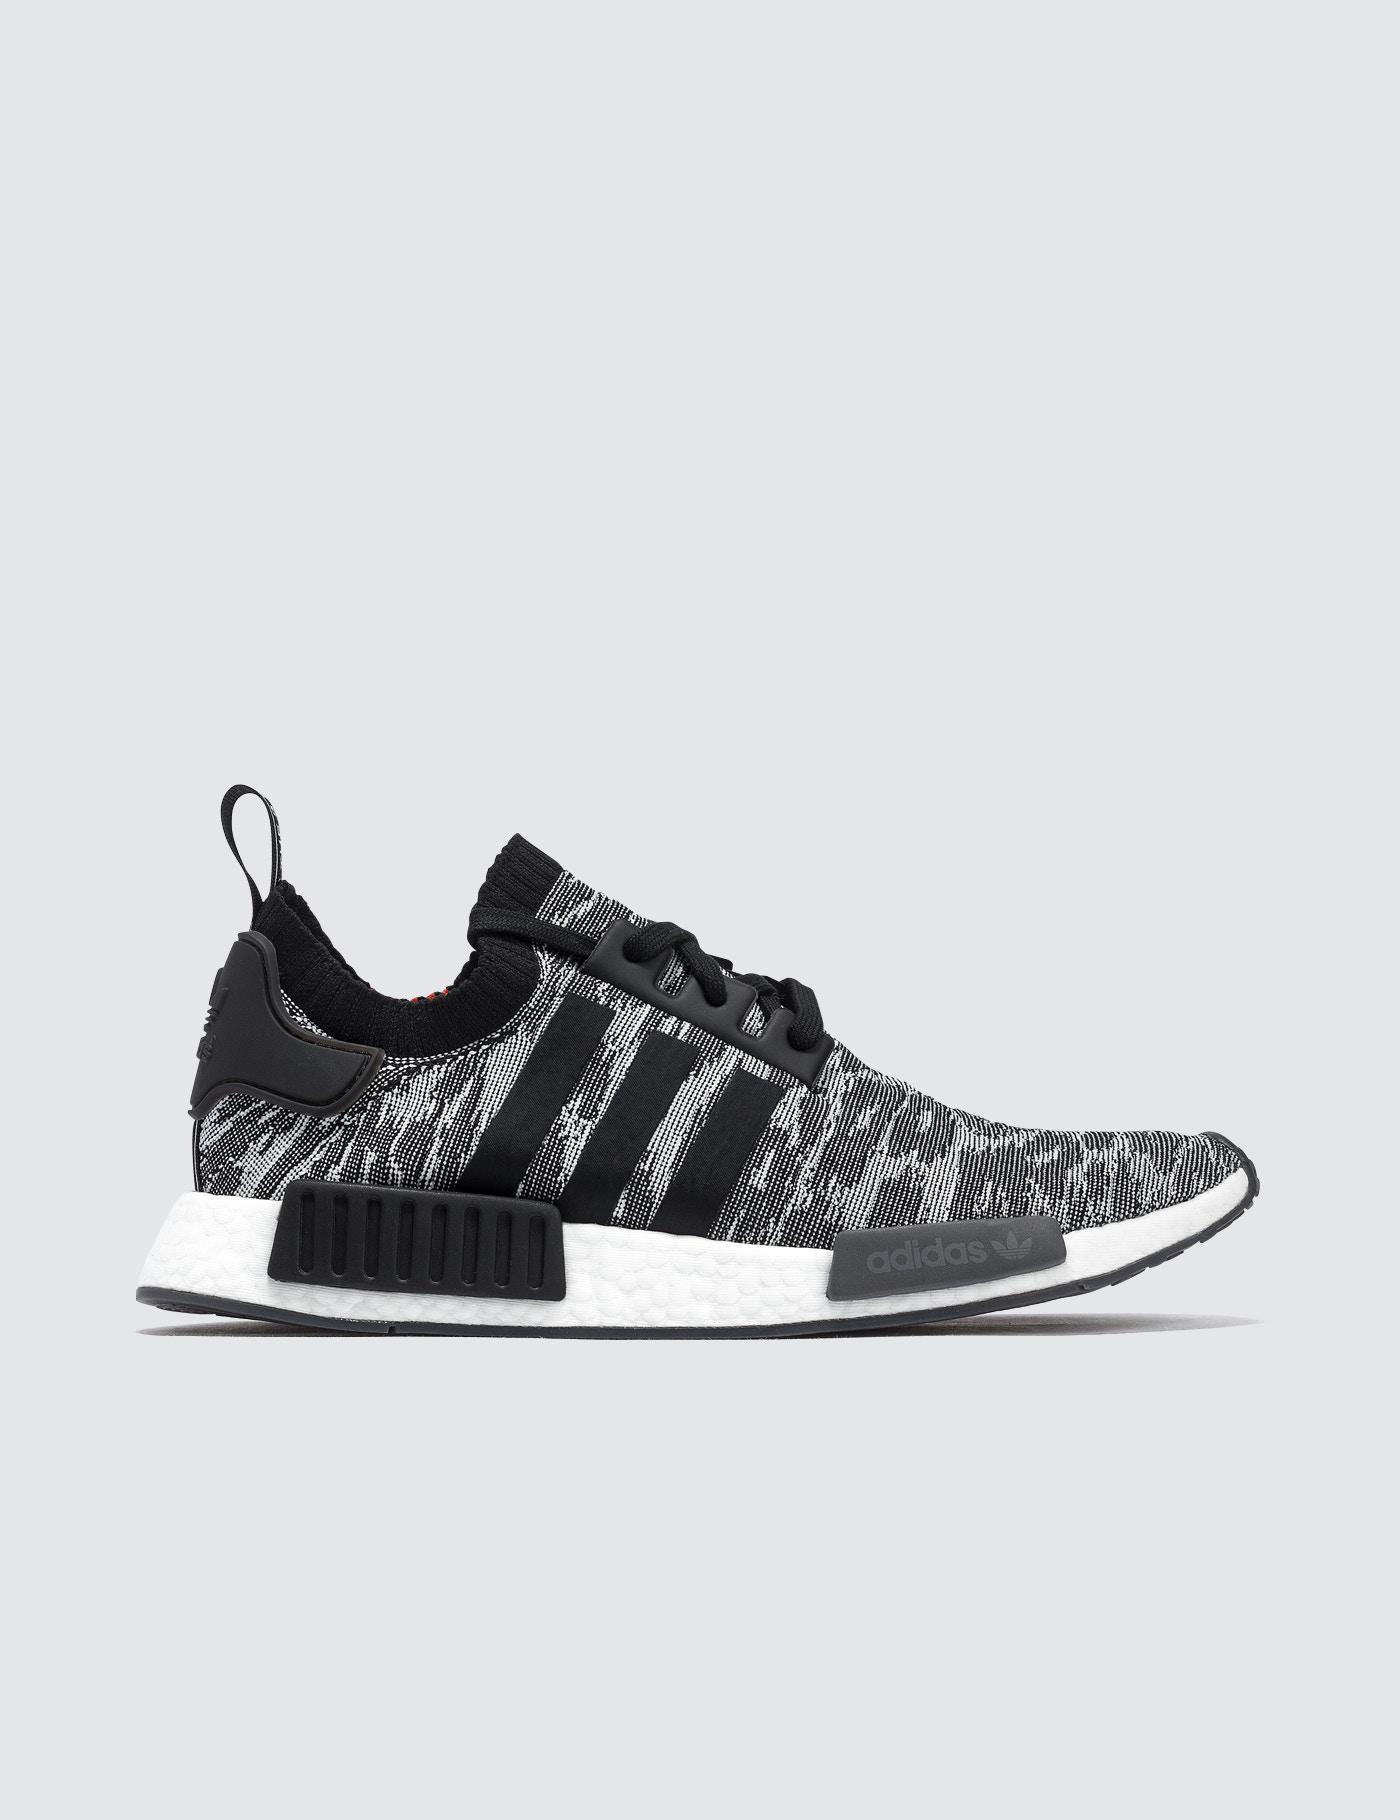 adidas Originals. Men's Black Nmd R1 Runner Primeknit